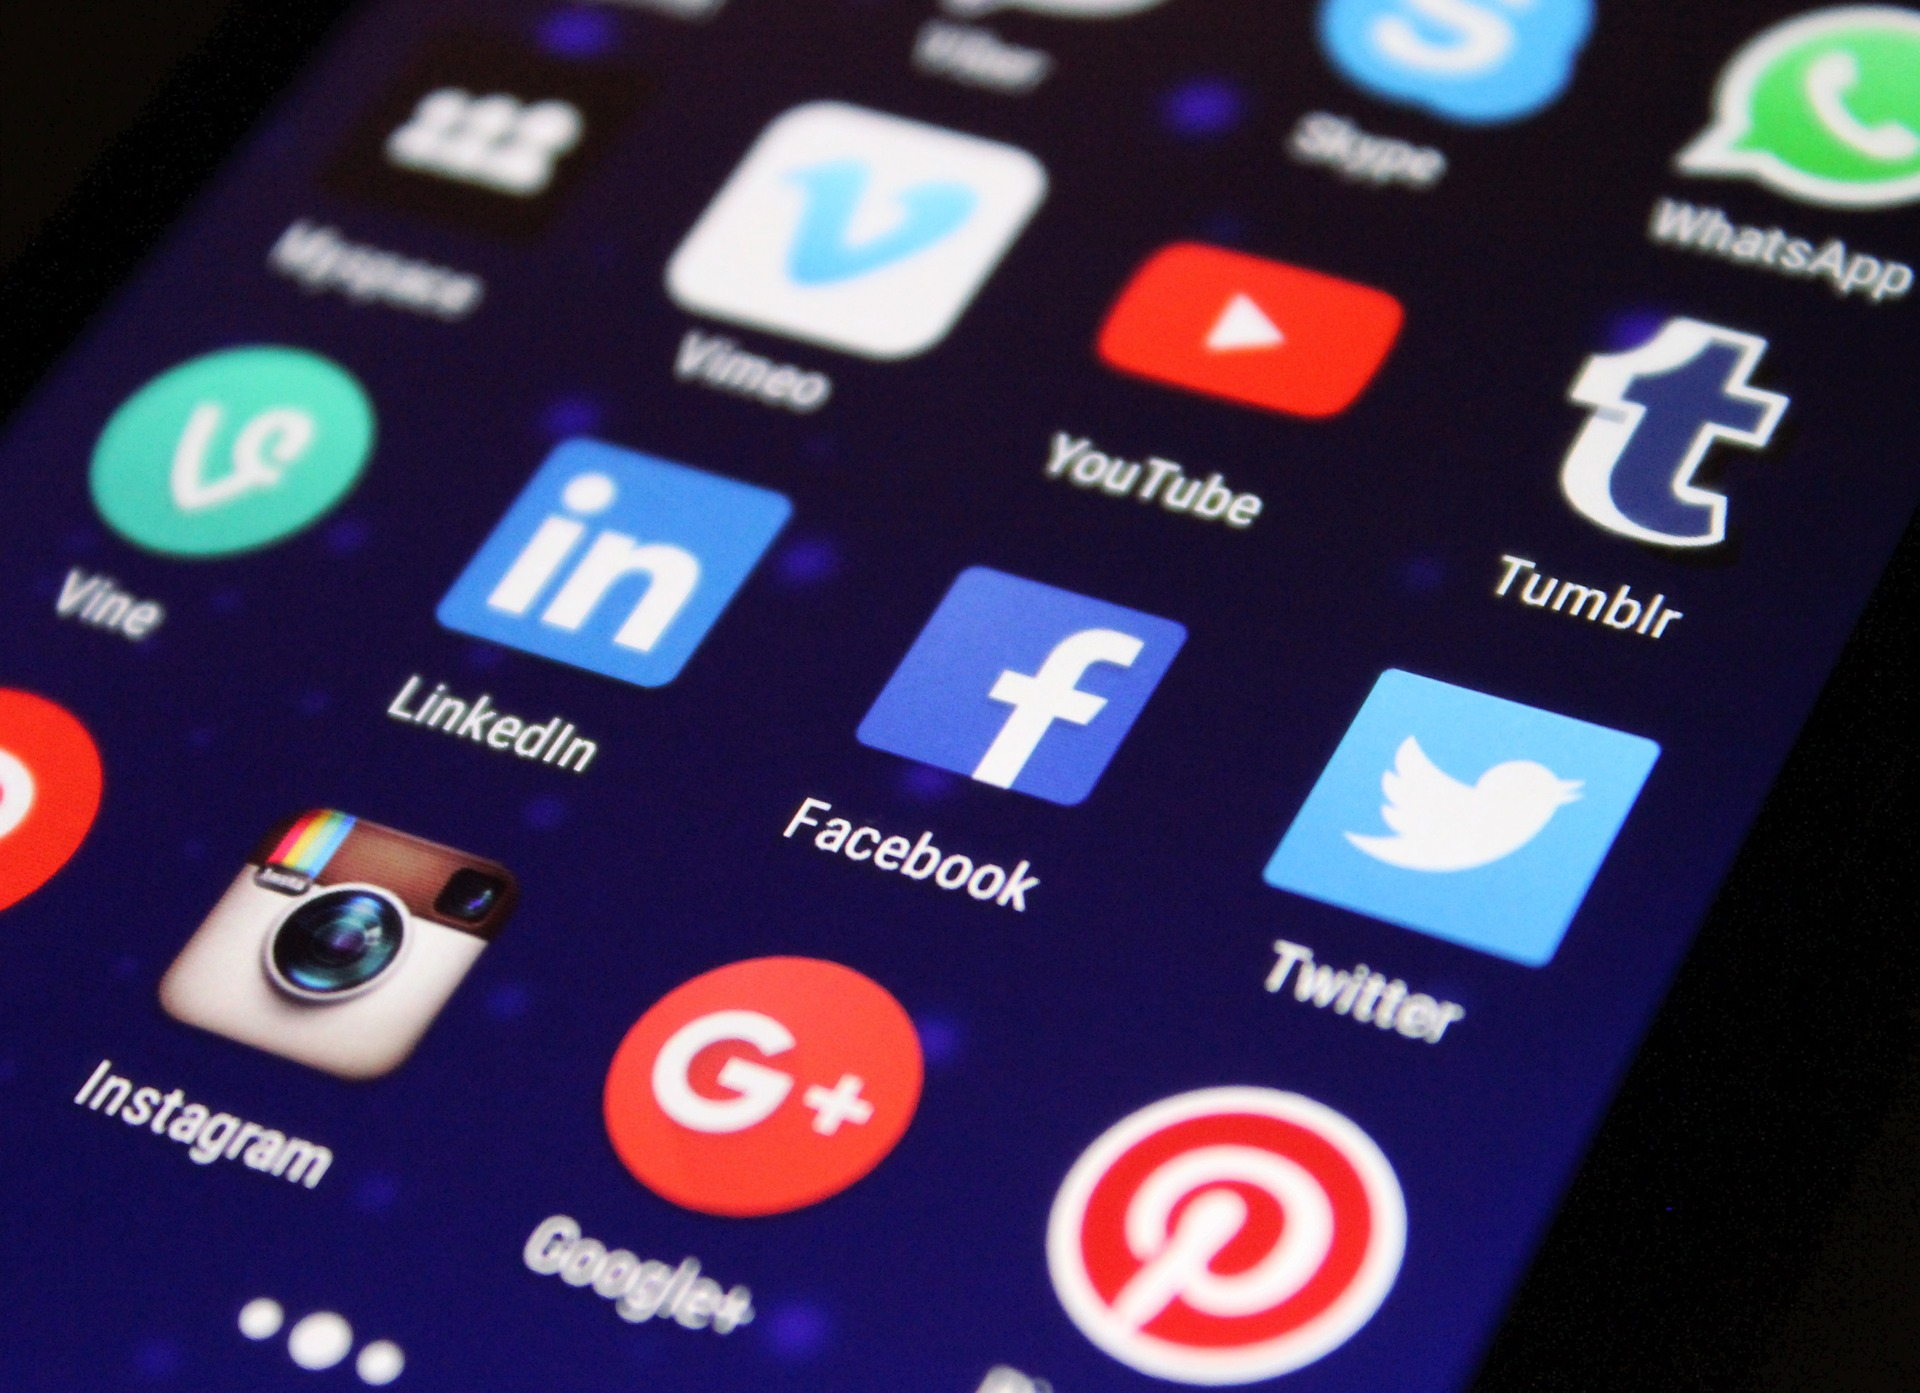 El Tribunal Supremo avala la crítica sarcástica en Twitter y el uso de imágenes publicadas en Internet en cuentas privadas